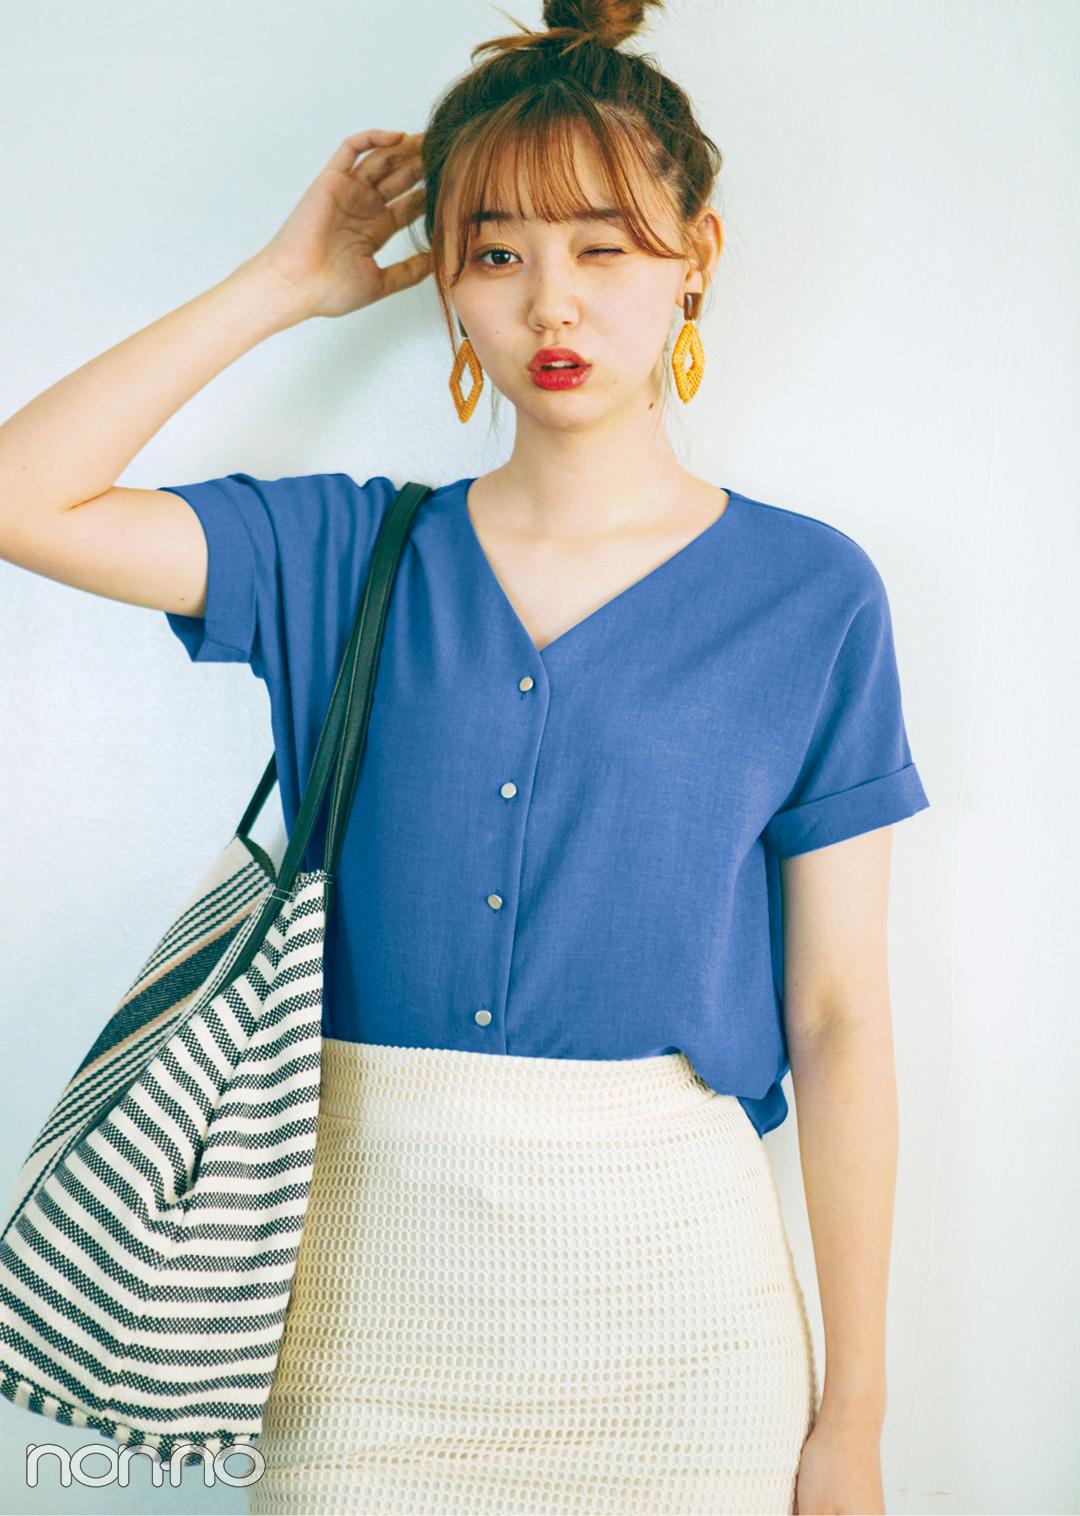 2019年夏のトレンド色! コバルトブルーのアイテム7選★_1_2